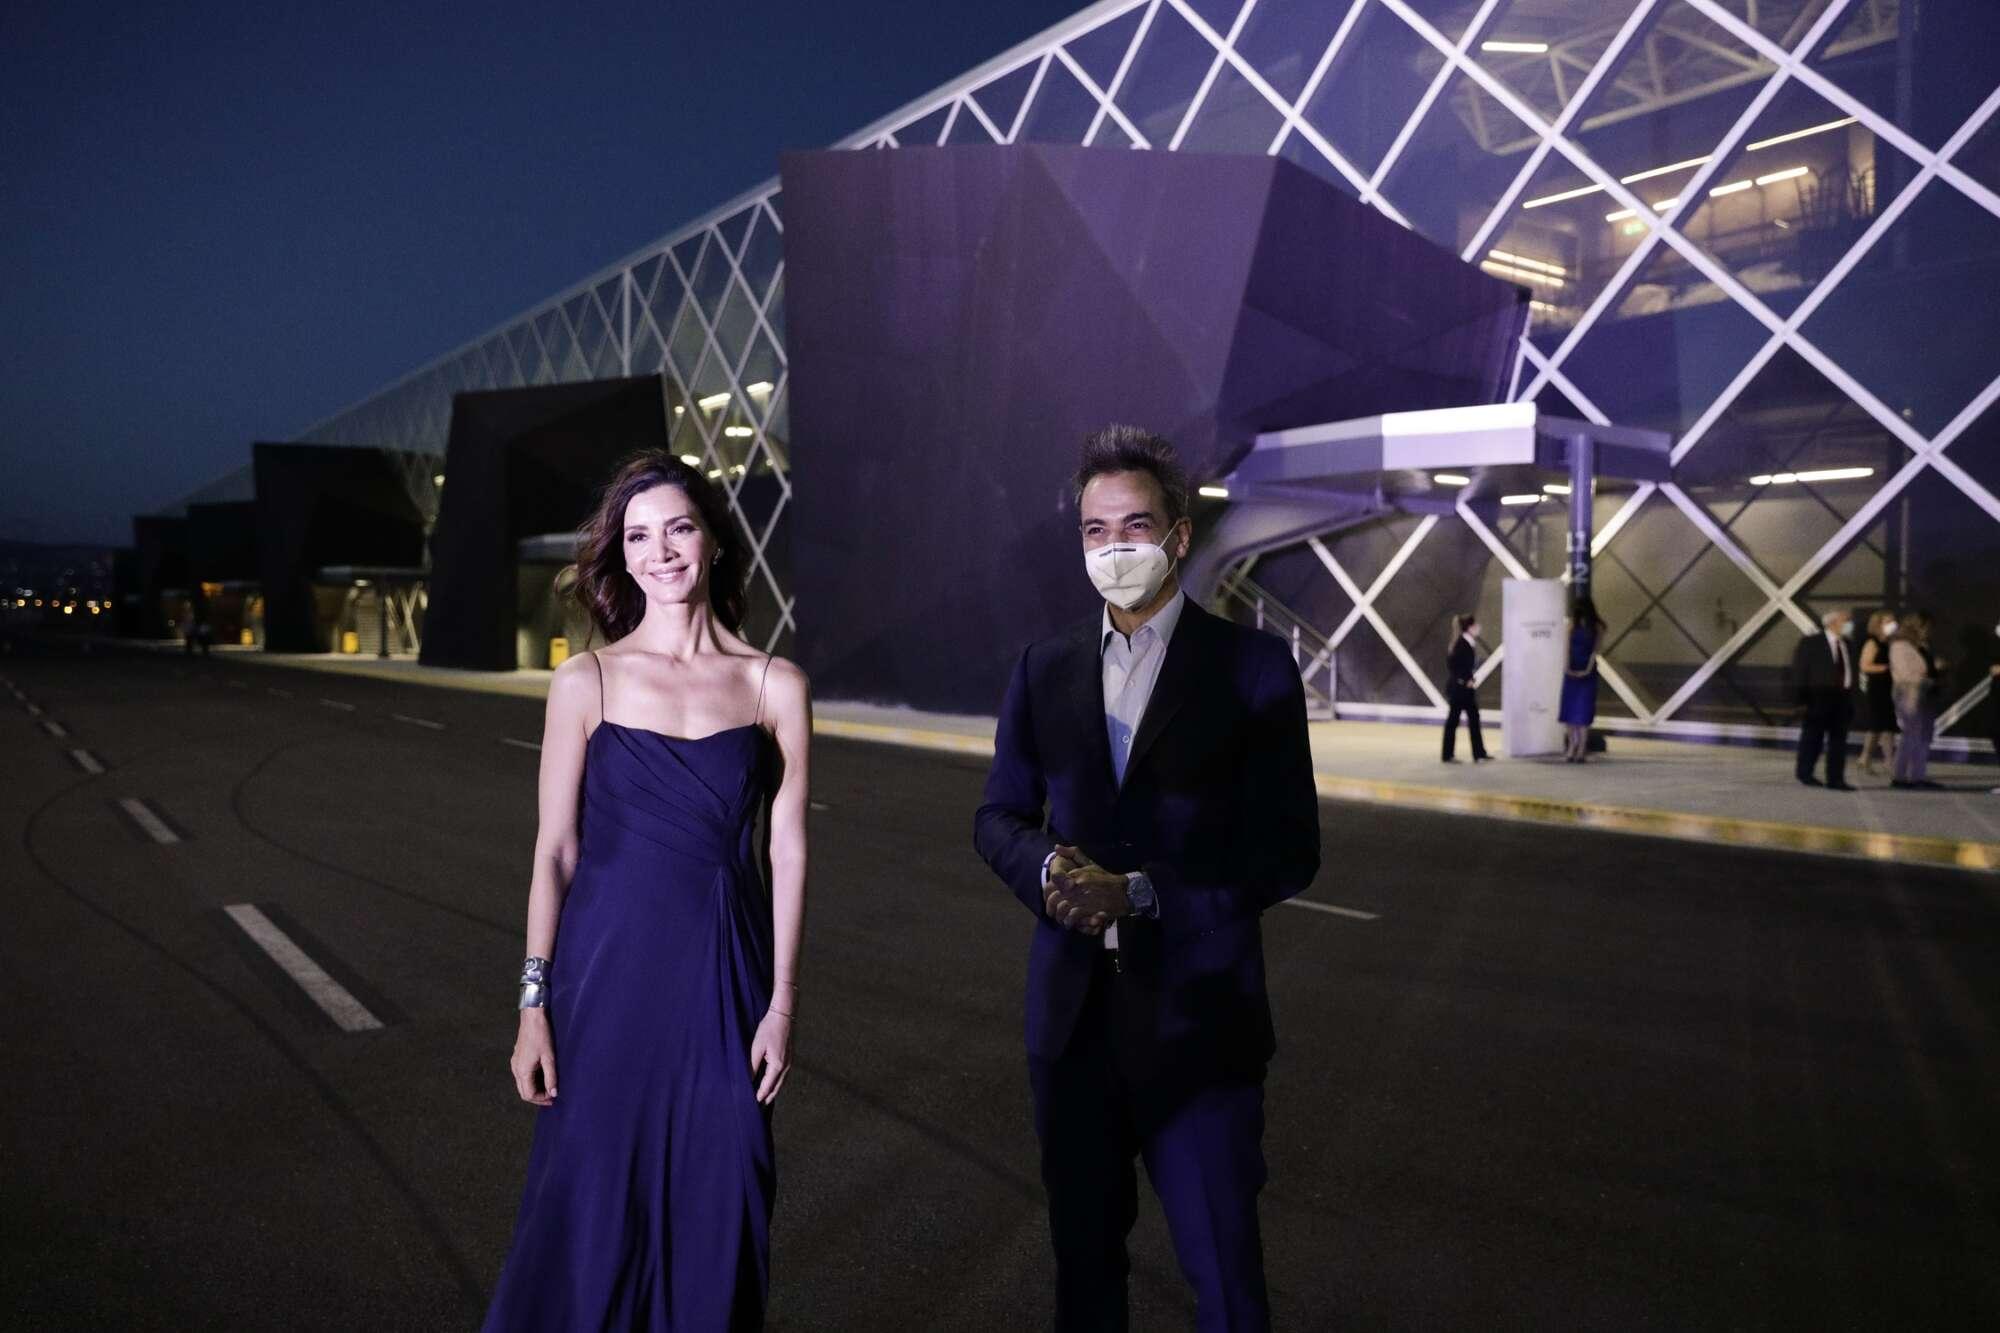 Κατερίνα Λέχου και Κυριάκος Μητσοτάκης με φόντο το ακόμη πιο εντυπωσιακό, μόλις πέσει το δειλινό, αεροδρόμιο...